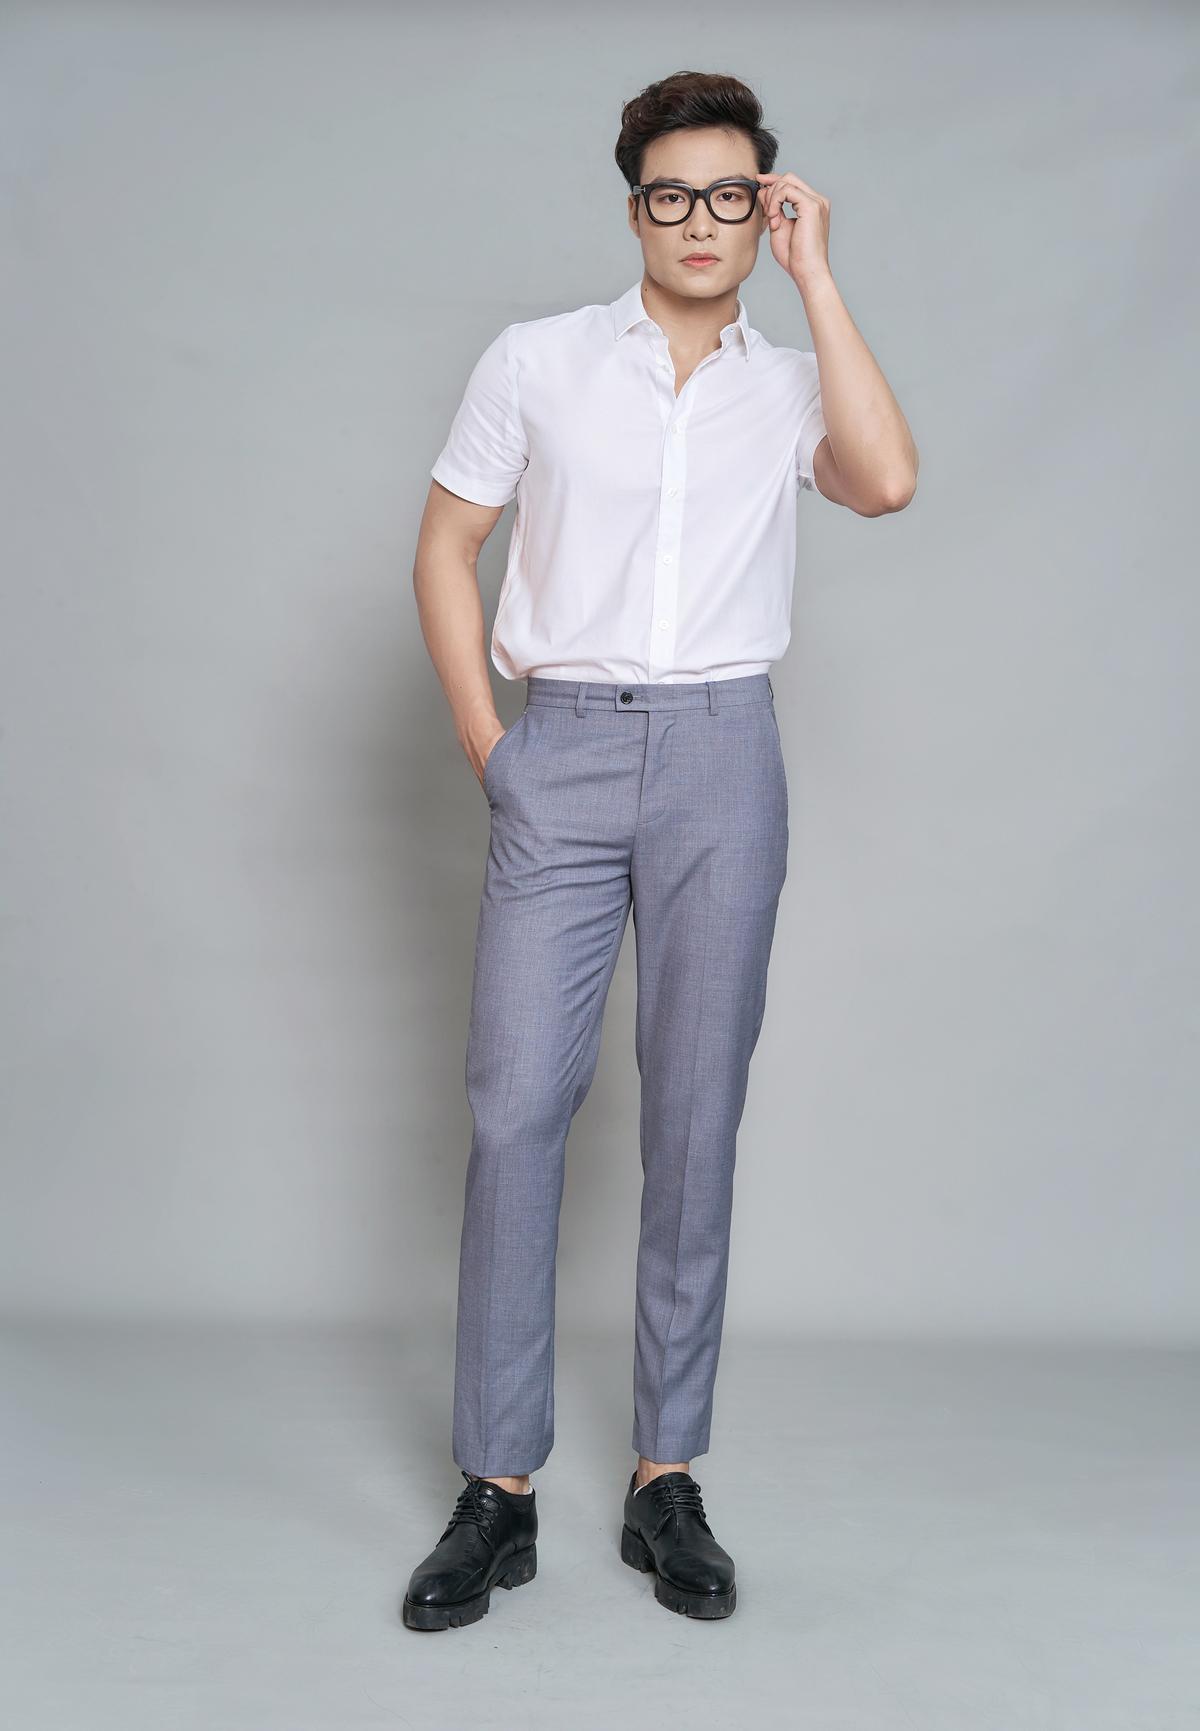 Quần âu nam màu 4 DGC - SQT1902M 665.000đ532.000đ(-20%) với thiết kế dáng ôm vừa phải gọn gàng và lịch lãm nhưng vẫn đảm bảo sự thoải mái tối ưu. Mặt vải dày dặn, ít nhăn nhàu, kháng bụi bẩn, ẩm mốc. Màu sắc trung tính, dễ dàng phối kết hợp cùng đa dạng các dáng áo.